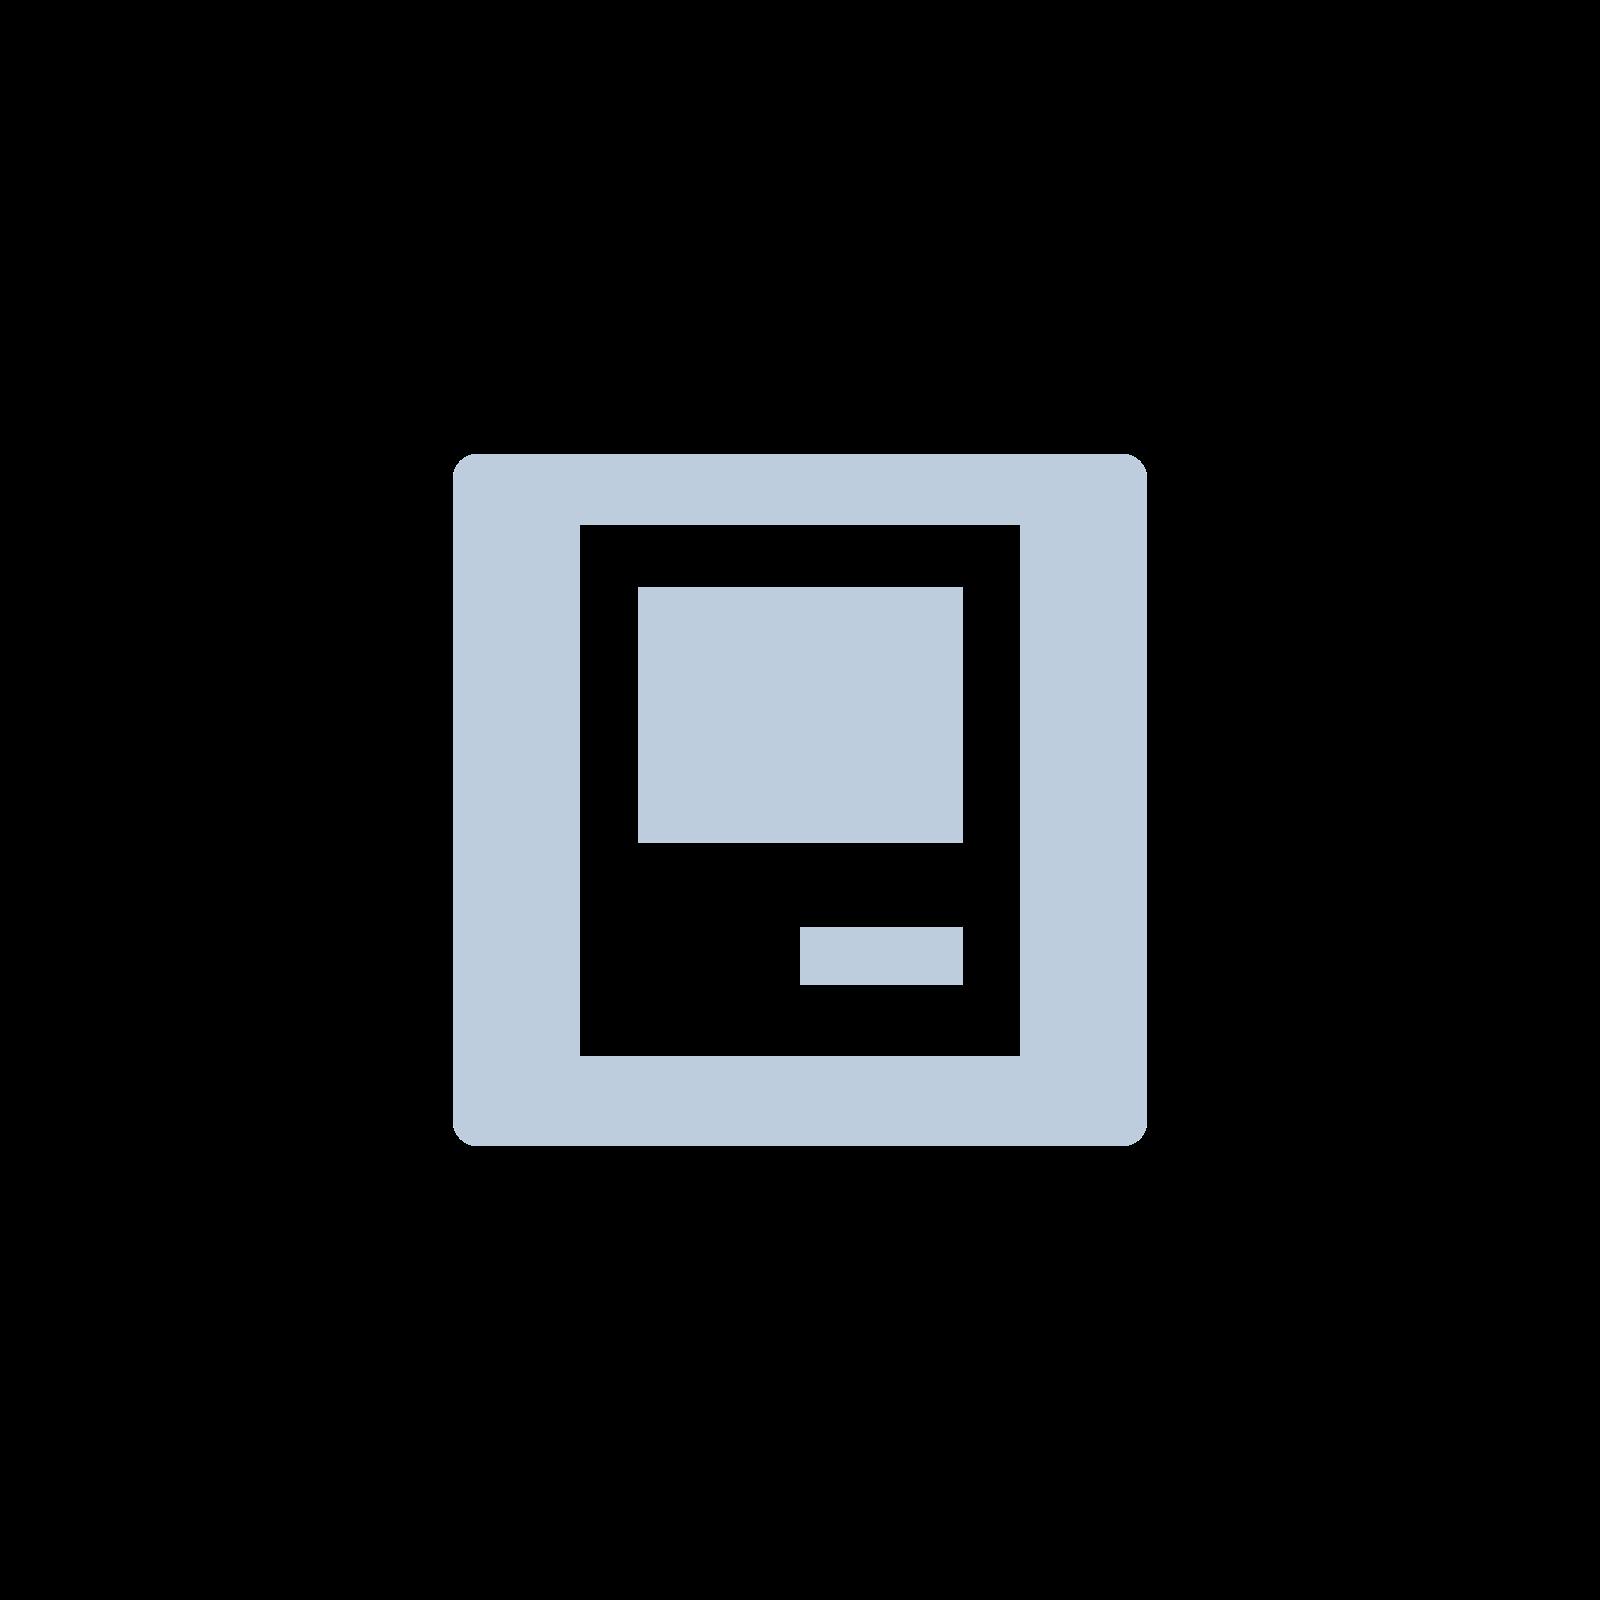 iPad Air 16GB Wi-Fi Space Grau